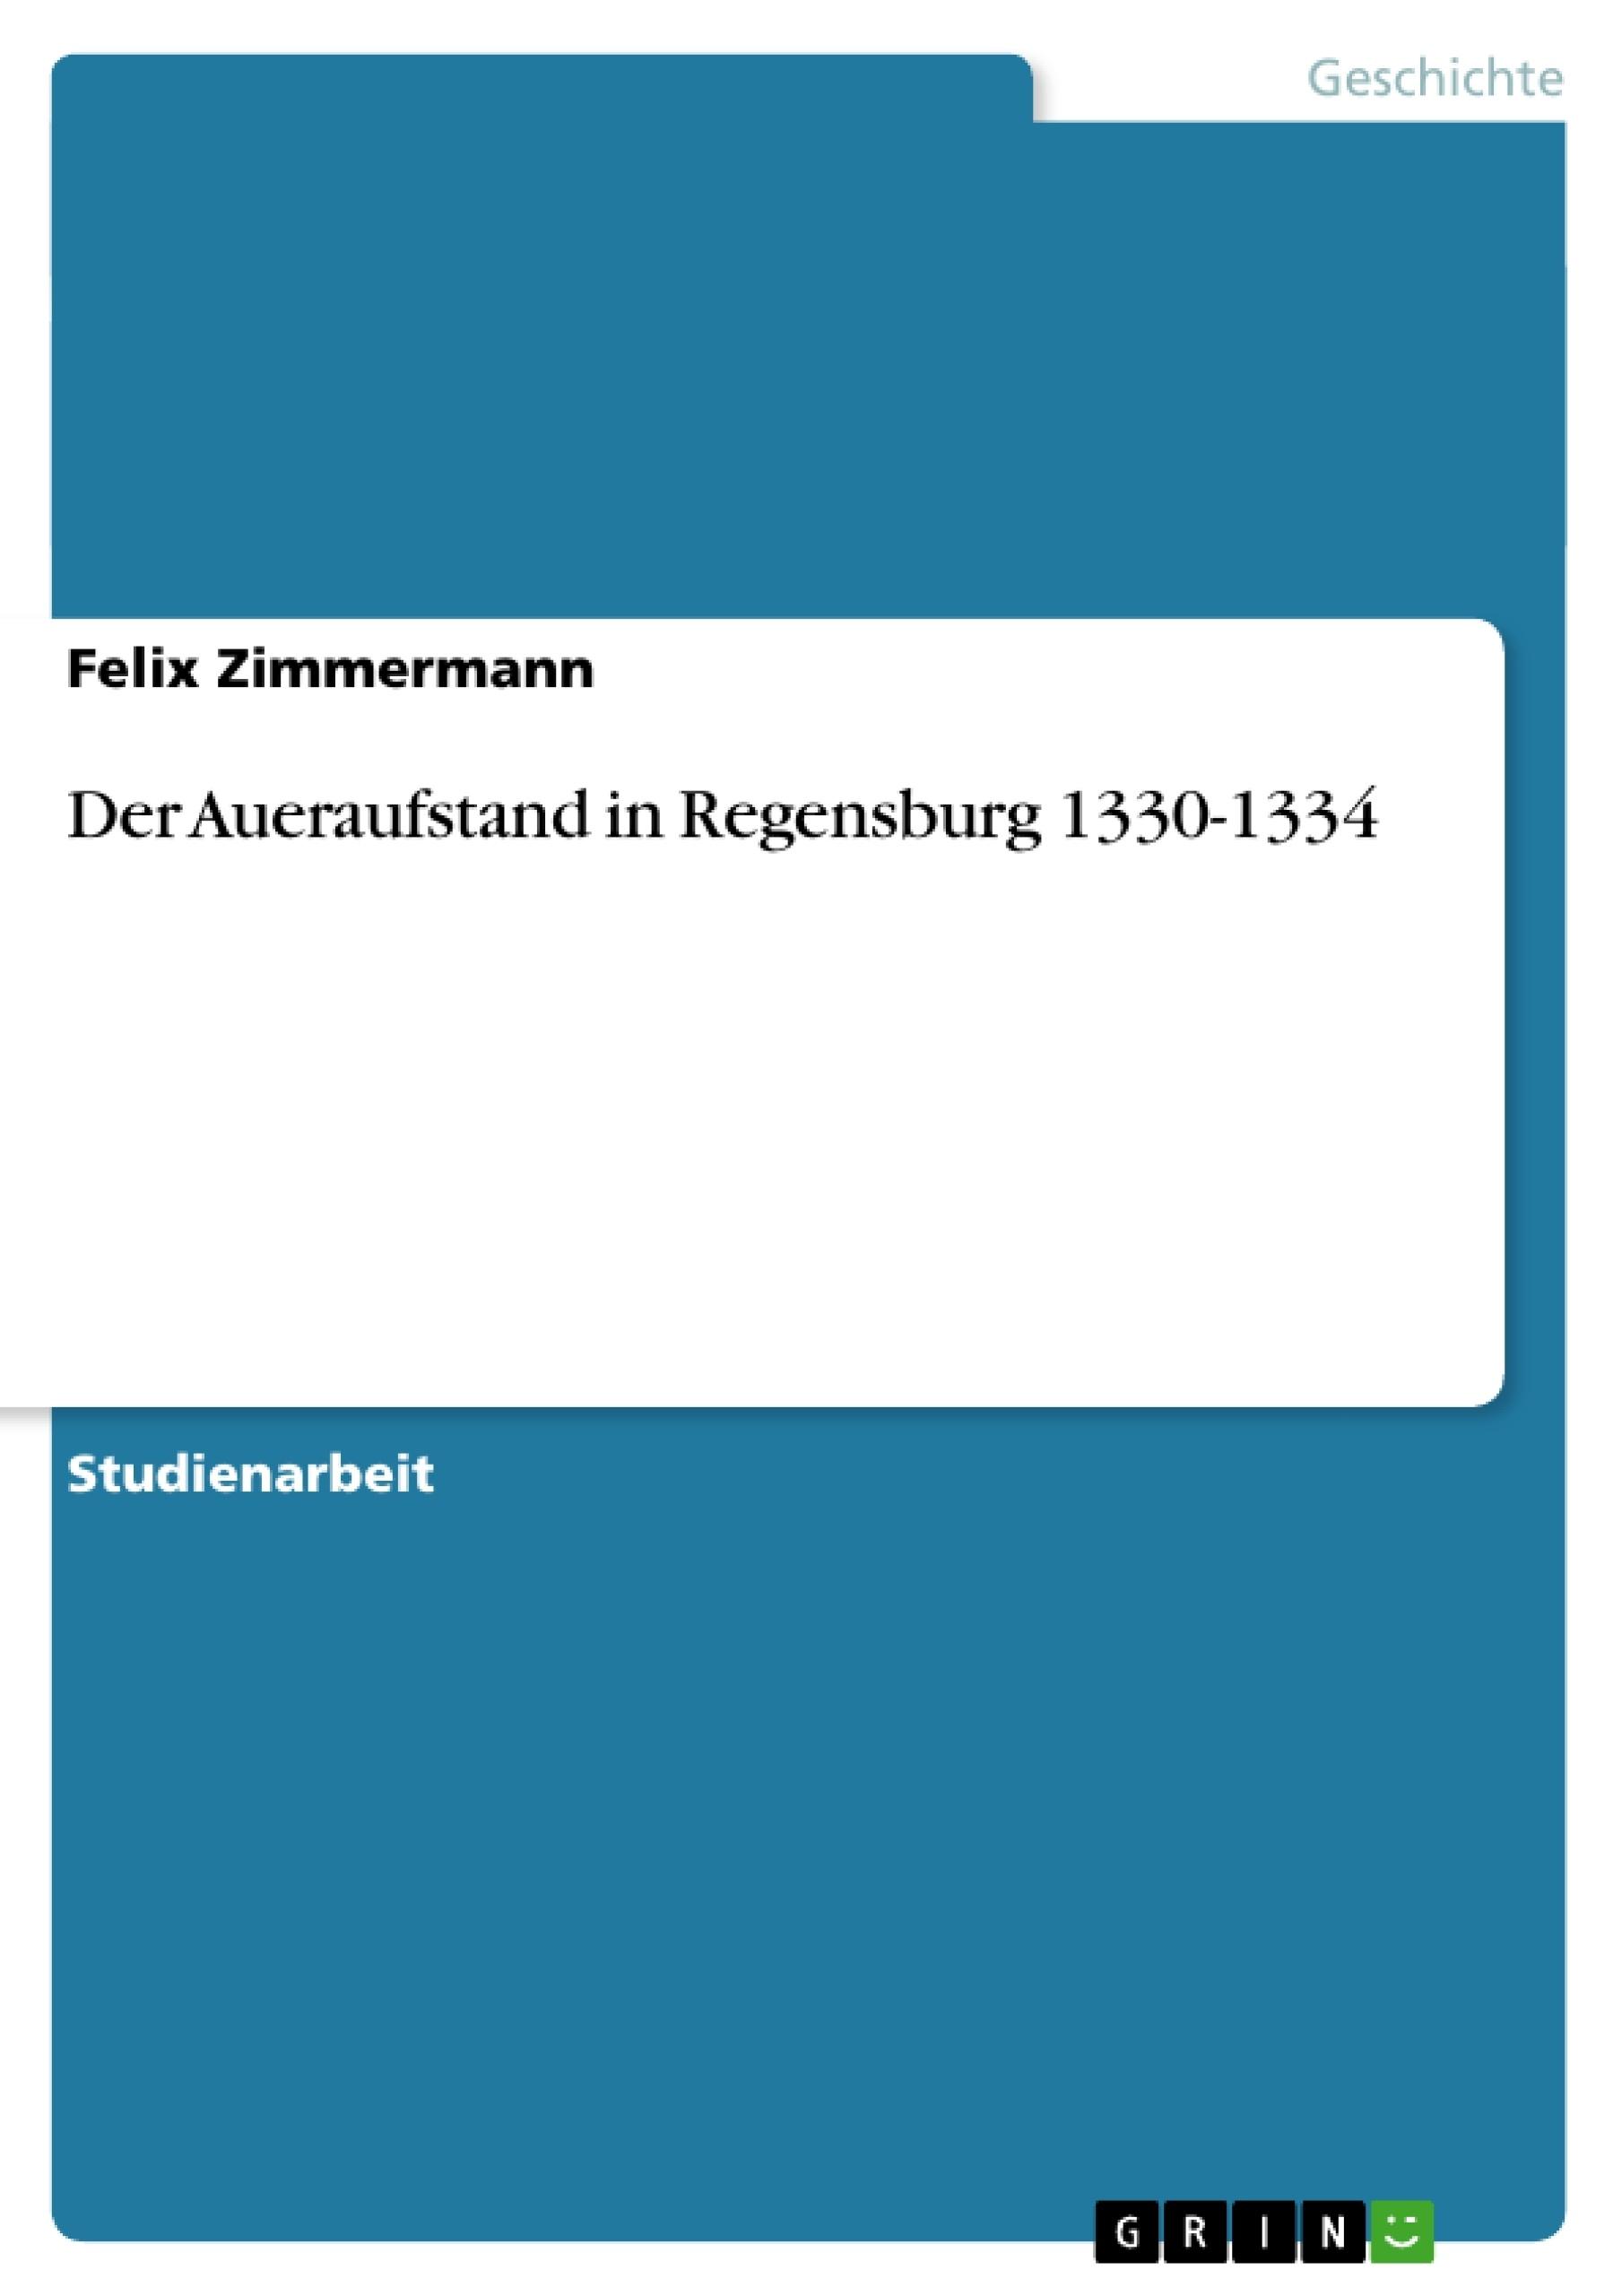 Titel: Der Aueraufstand in Regensburg 1330-1334